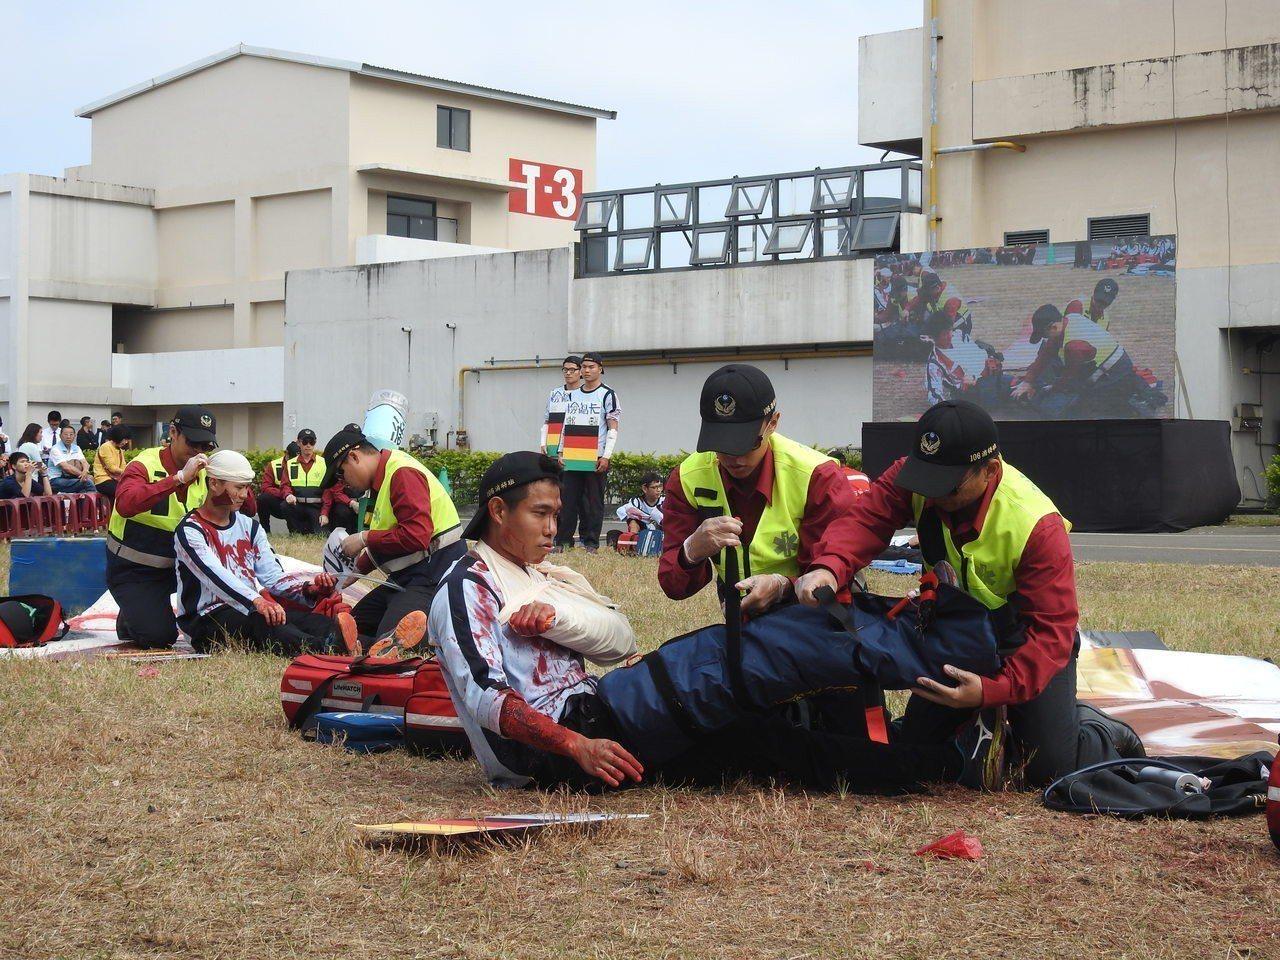 消特班成果展完整呈現大型災害檢傷救護機制,結訓學員專業且迅速表現,博得滿堂彩。記...